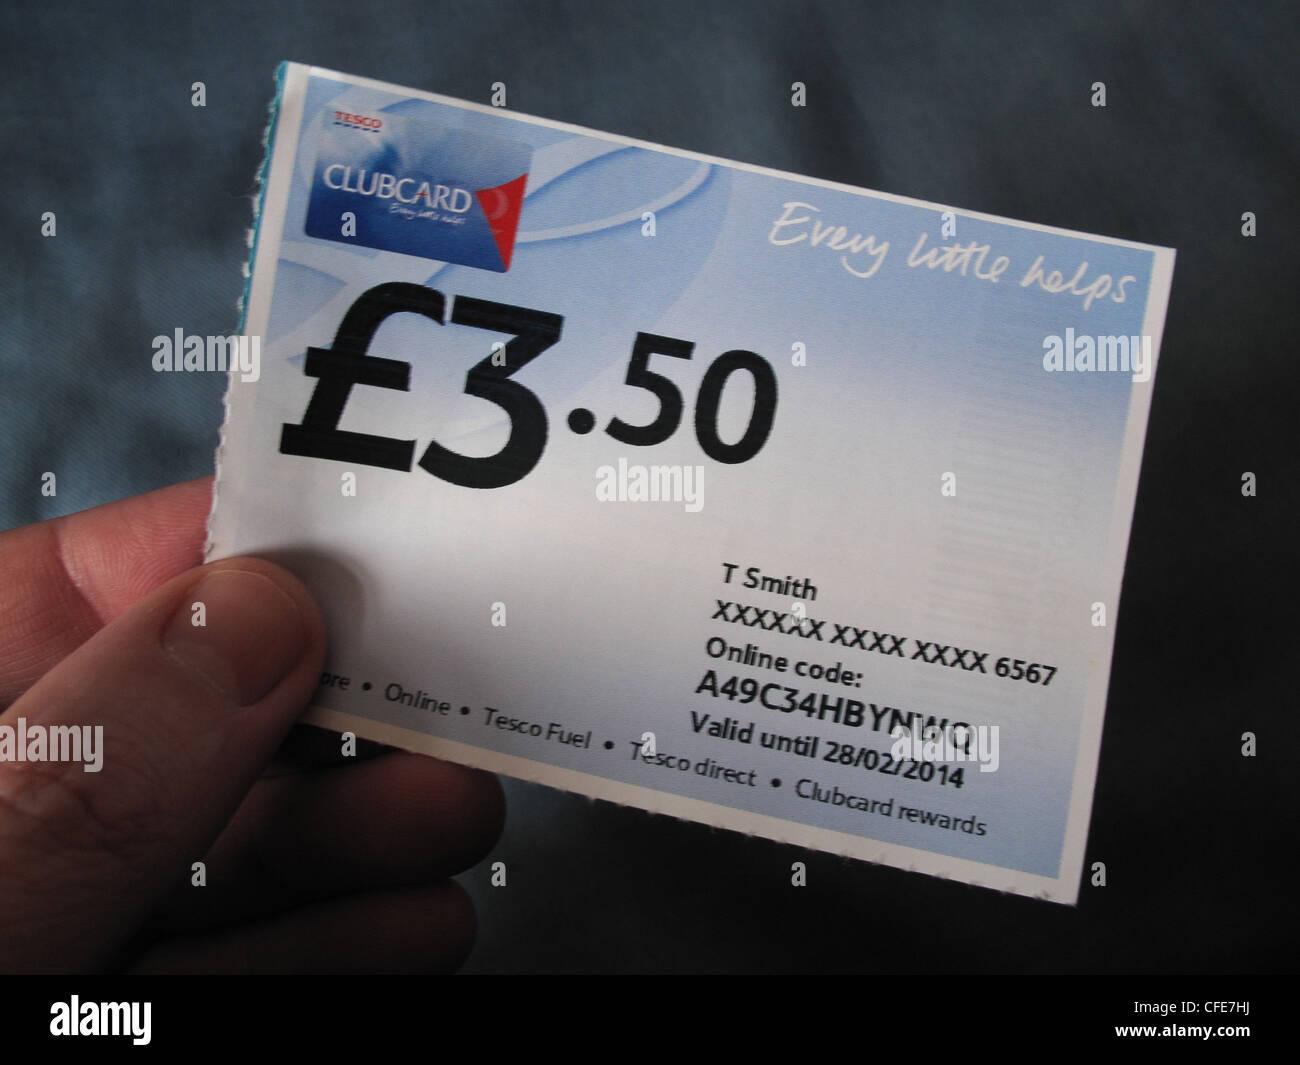 Laden Sie dieses Alamy Stockfoto £3,50 Tesco Clubcard Jedes hilft Gutschein in einer Hand von einem Käufer gehalten - CFE7HJ